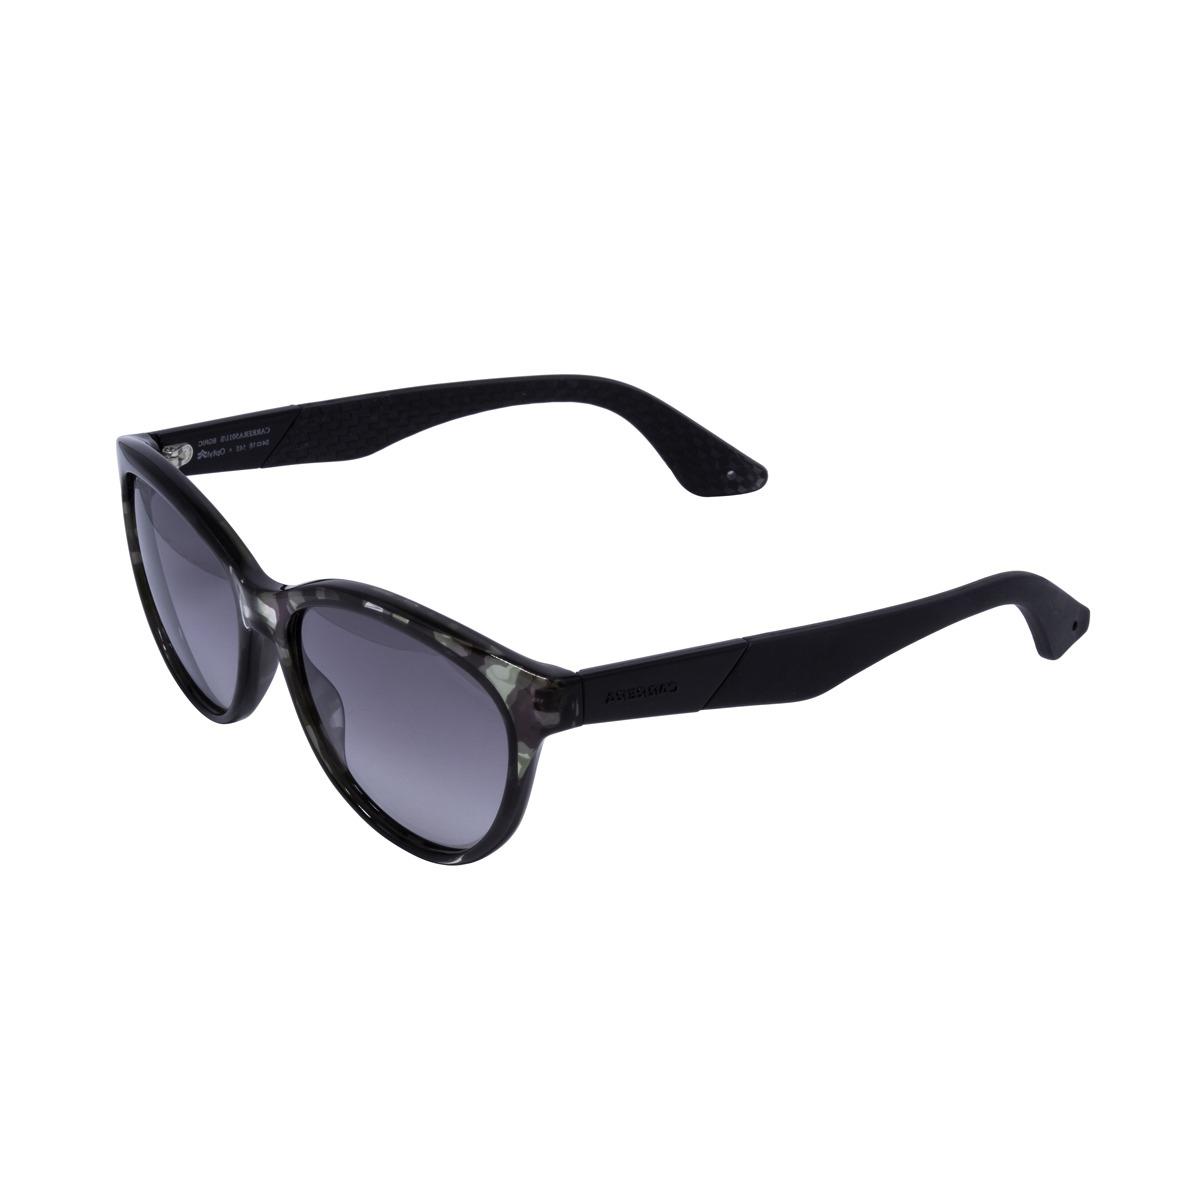 d6b73a50cac86 óculos de sol carrera 5011 s - acetato tartaruga, lente cinz. Carregando  zoom.